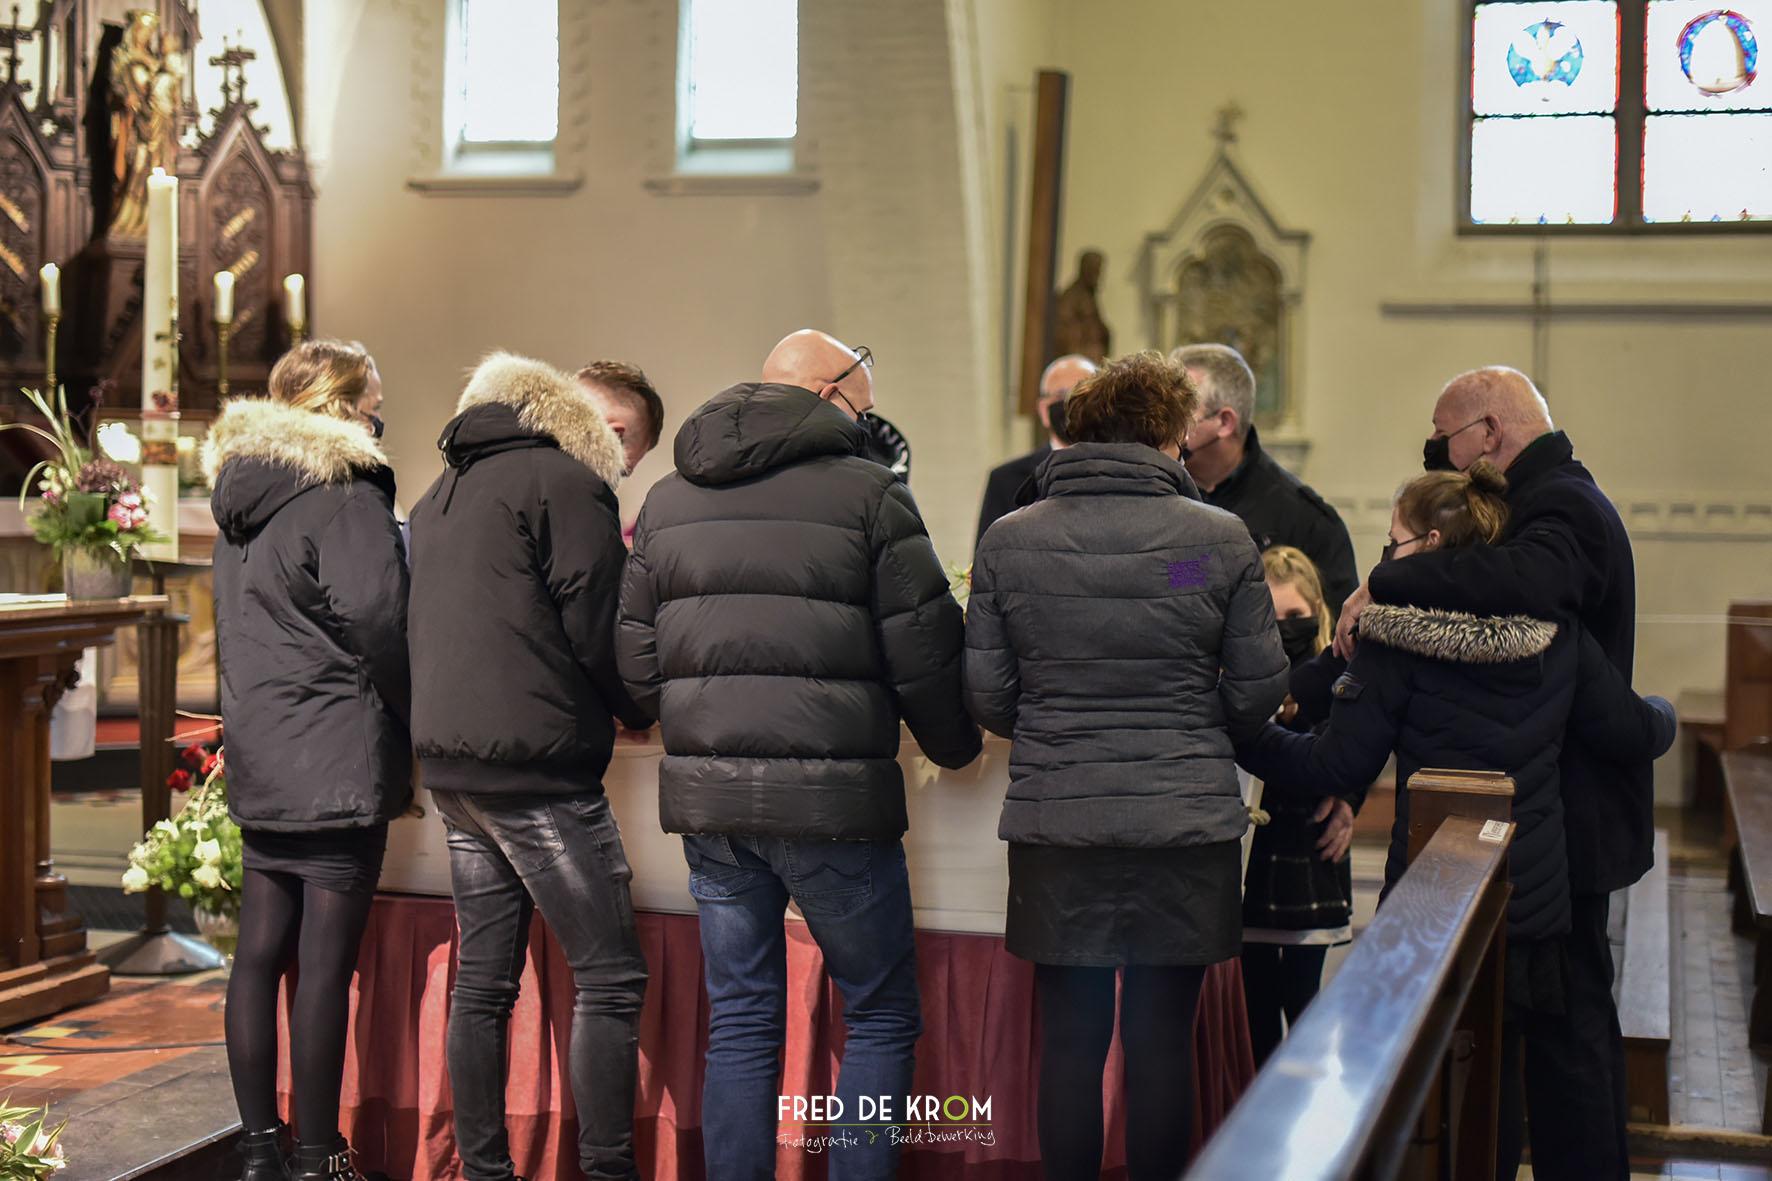 Foto tijdens begrafenis in Geldrop kist door familie in kerk gedragen..